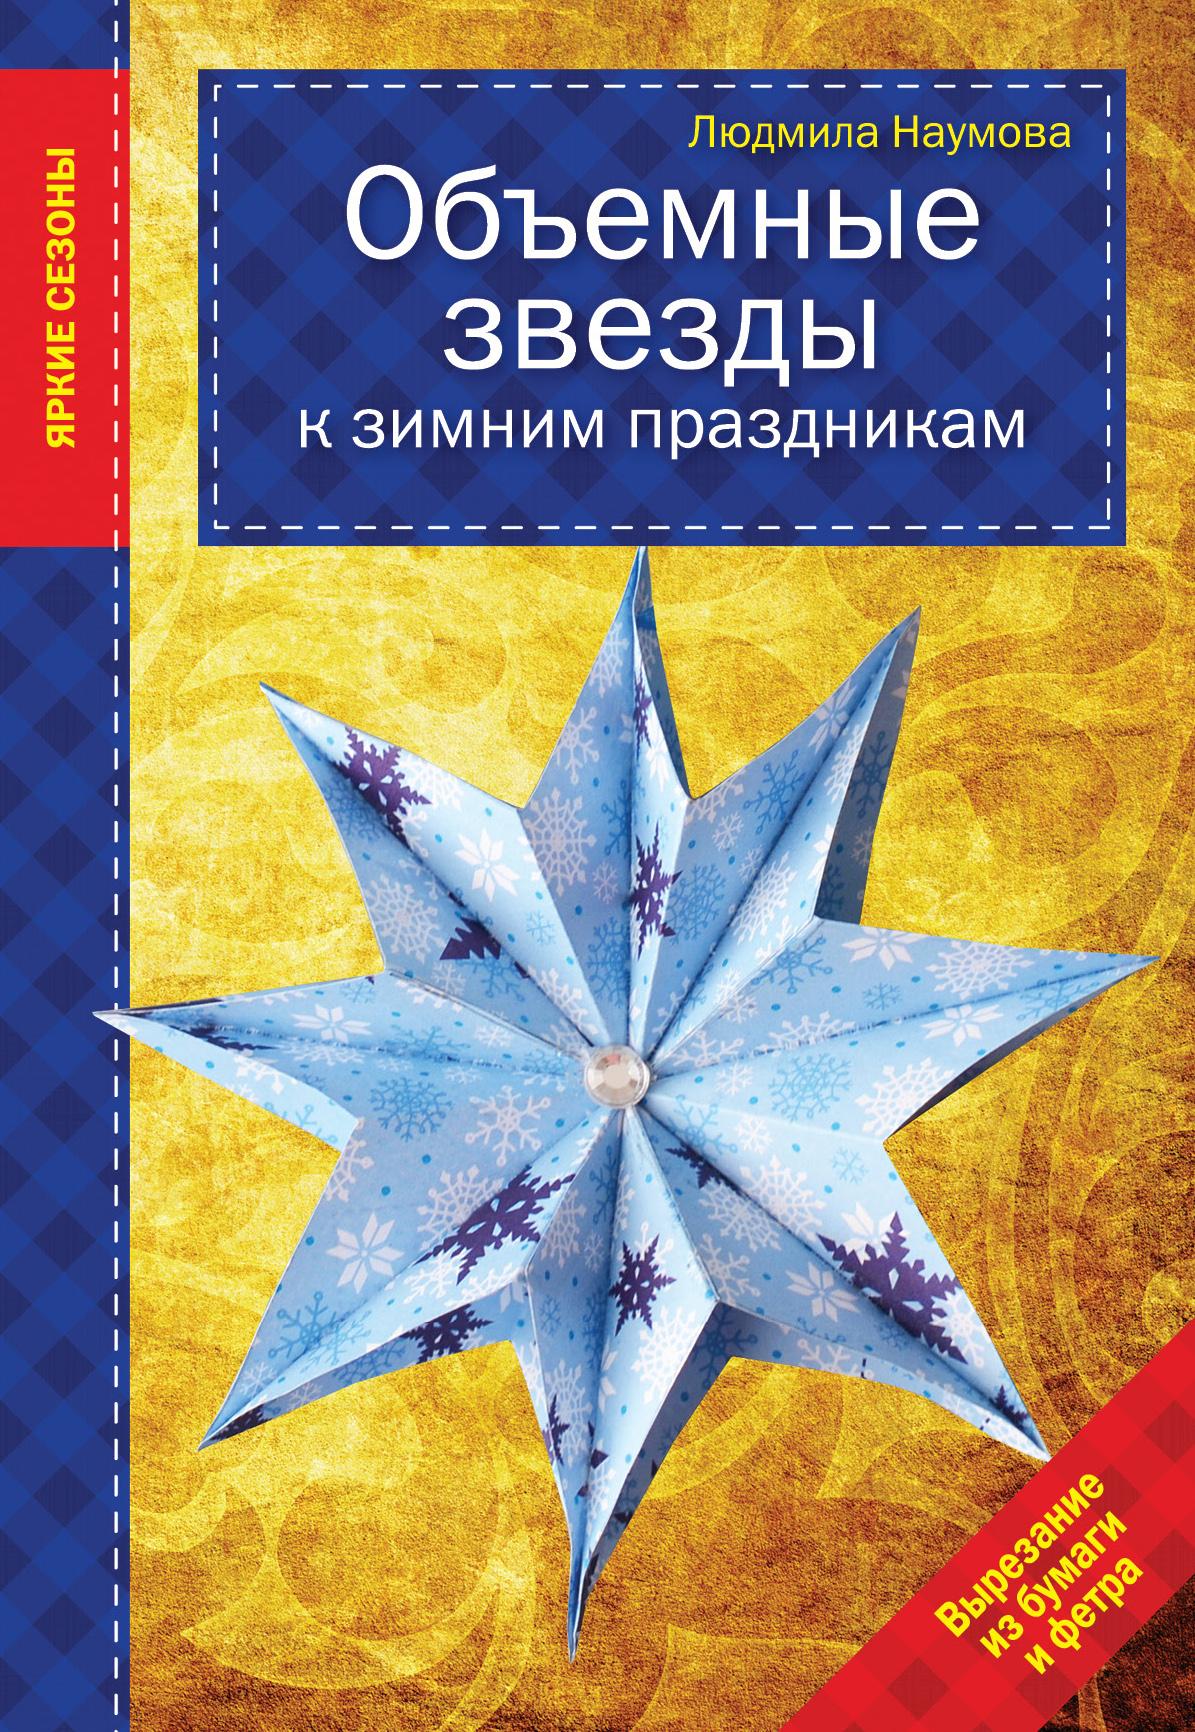 Объемные звезды к зимним праздникам